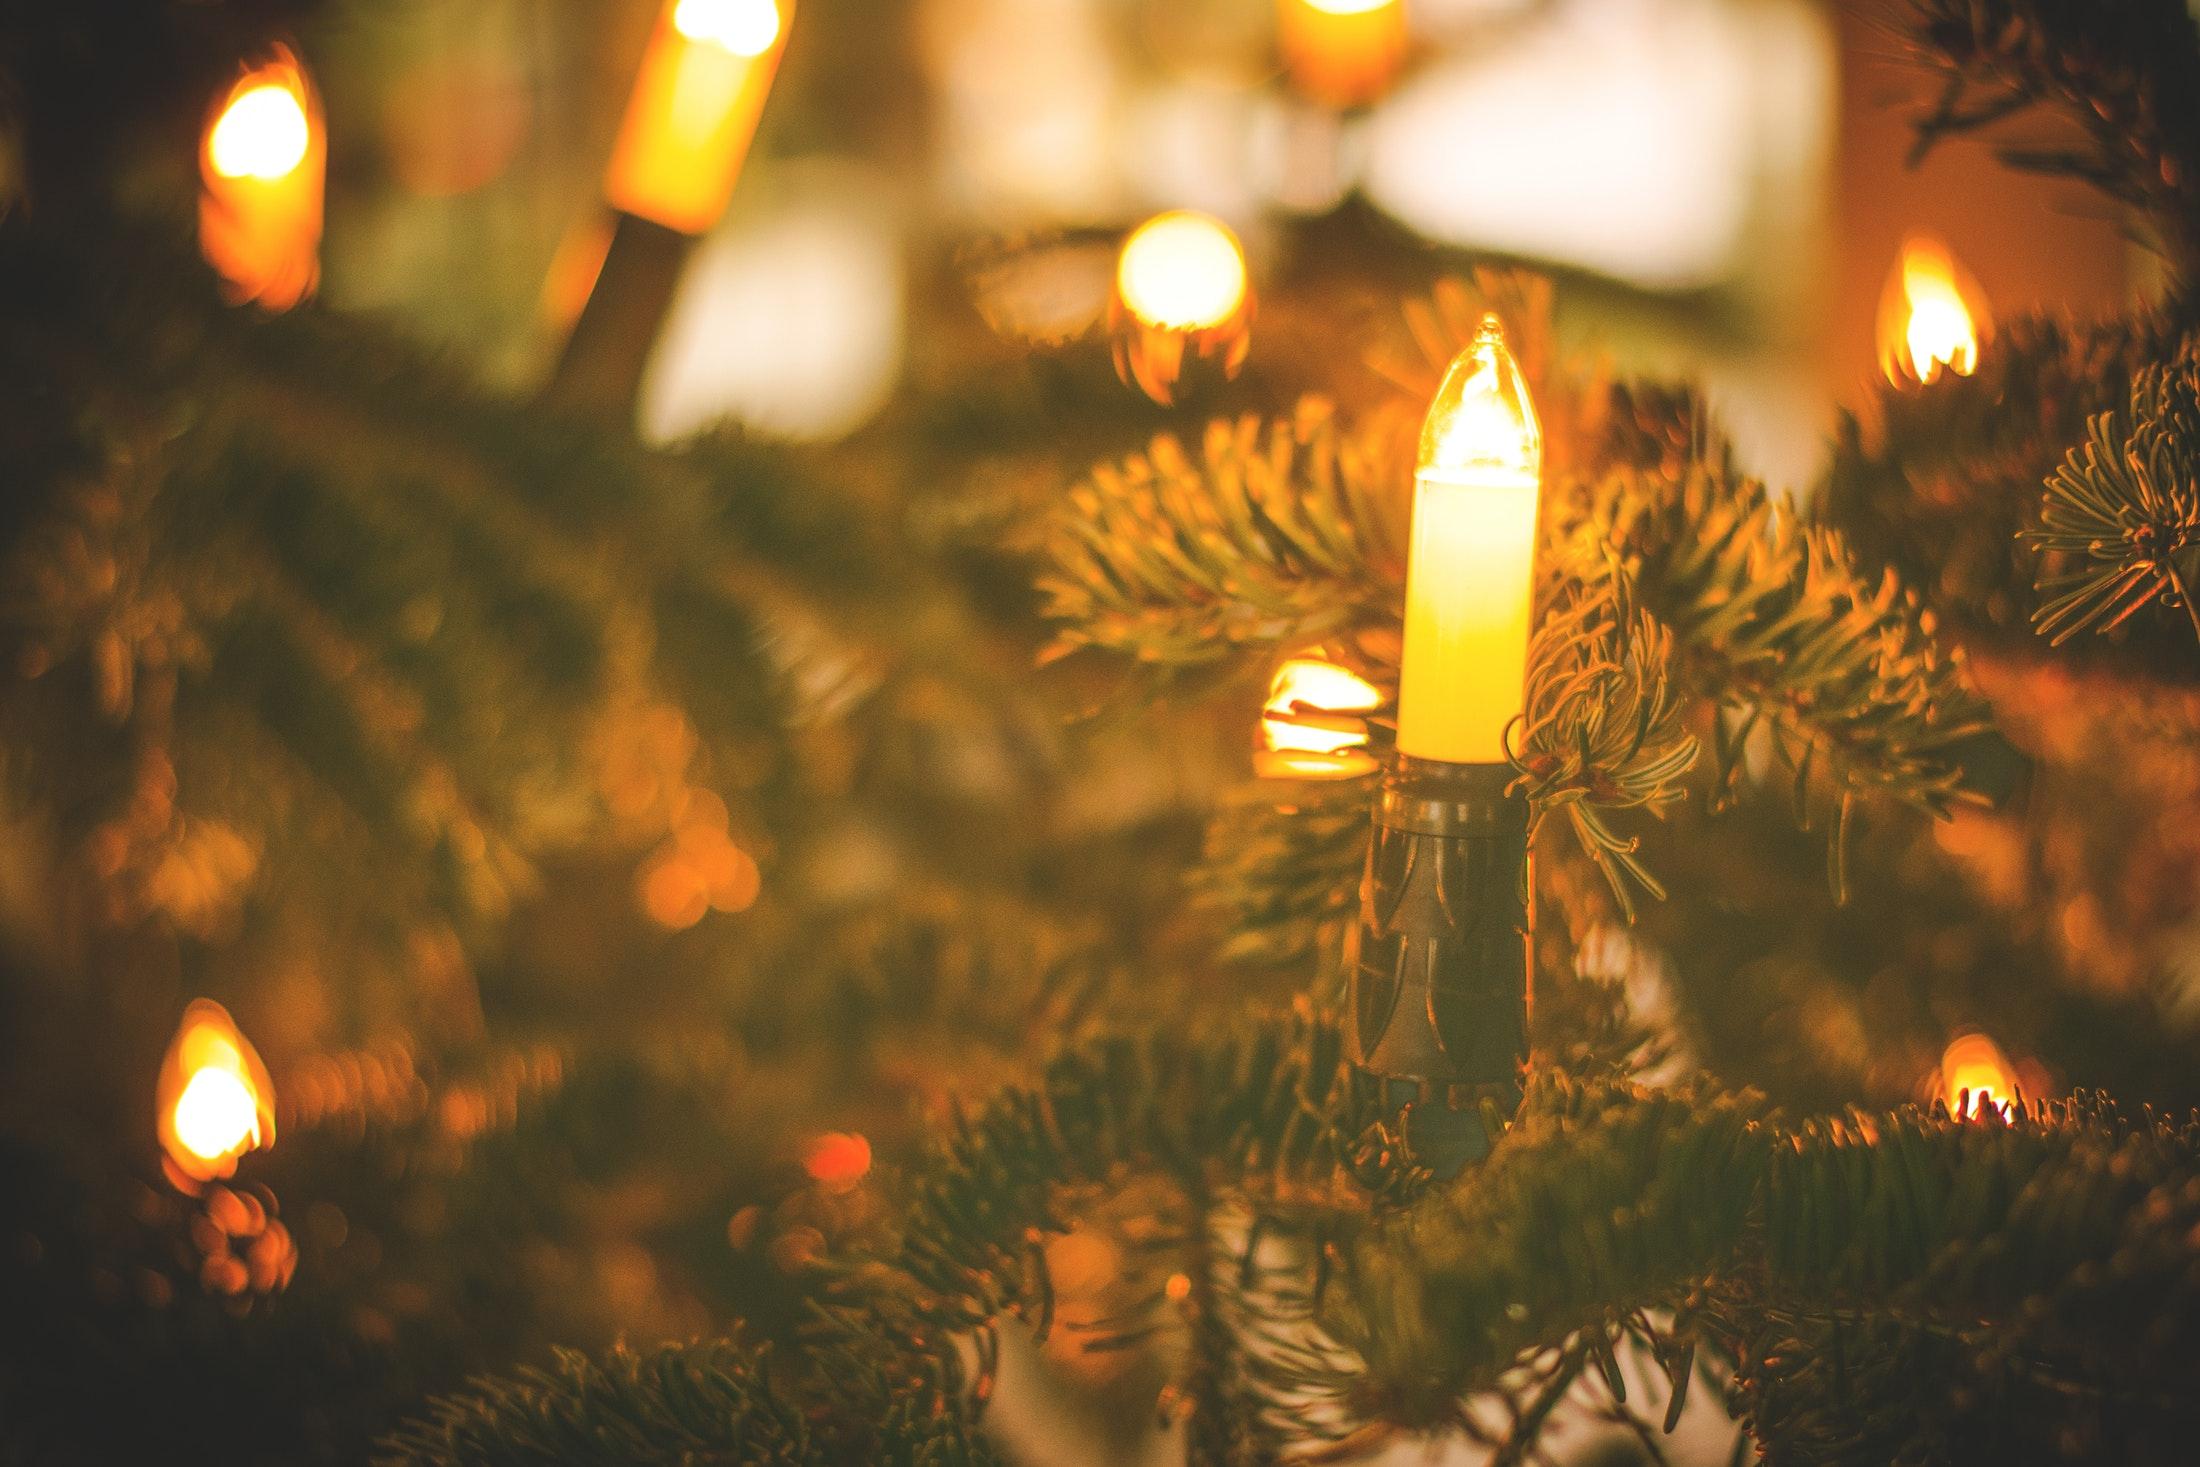 Życzenia Wesołych Świąt Bożego Narodzenia